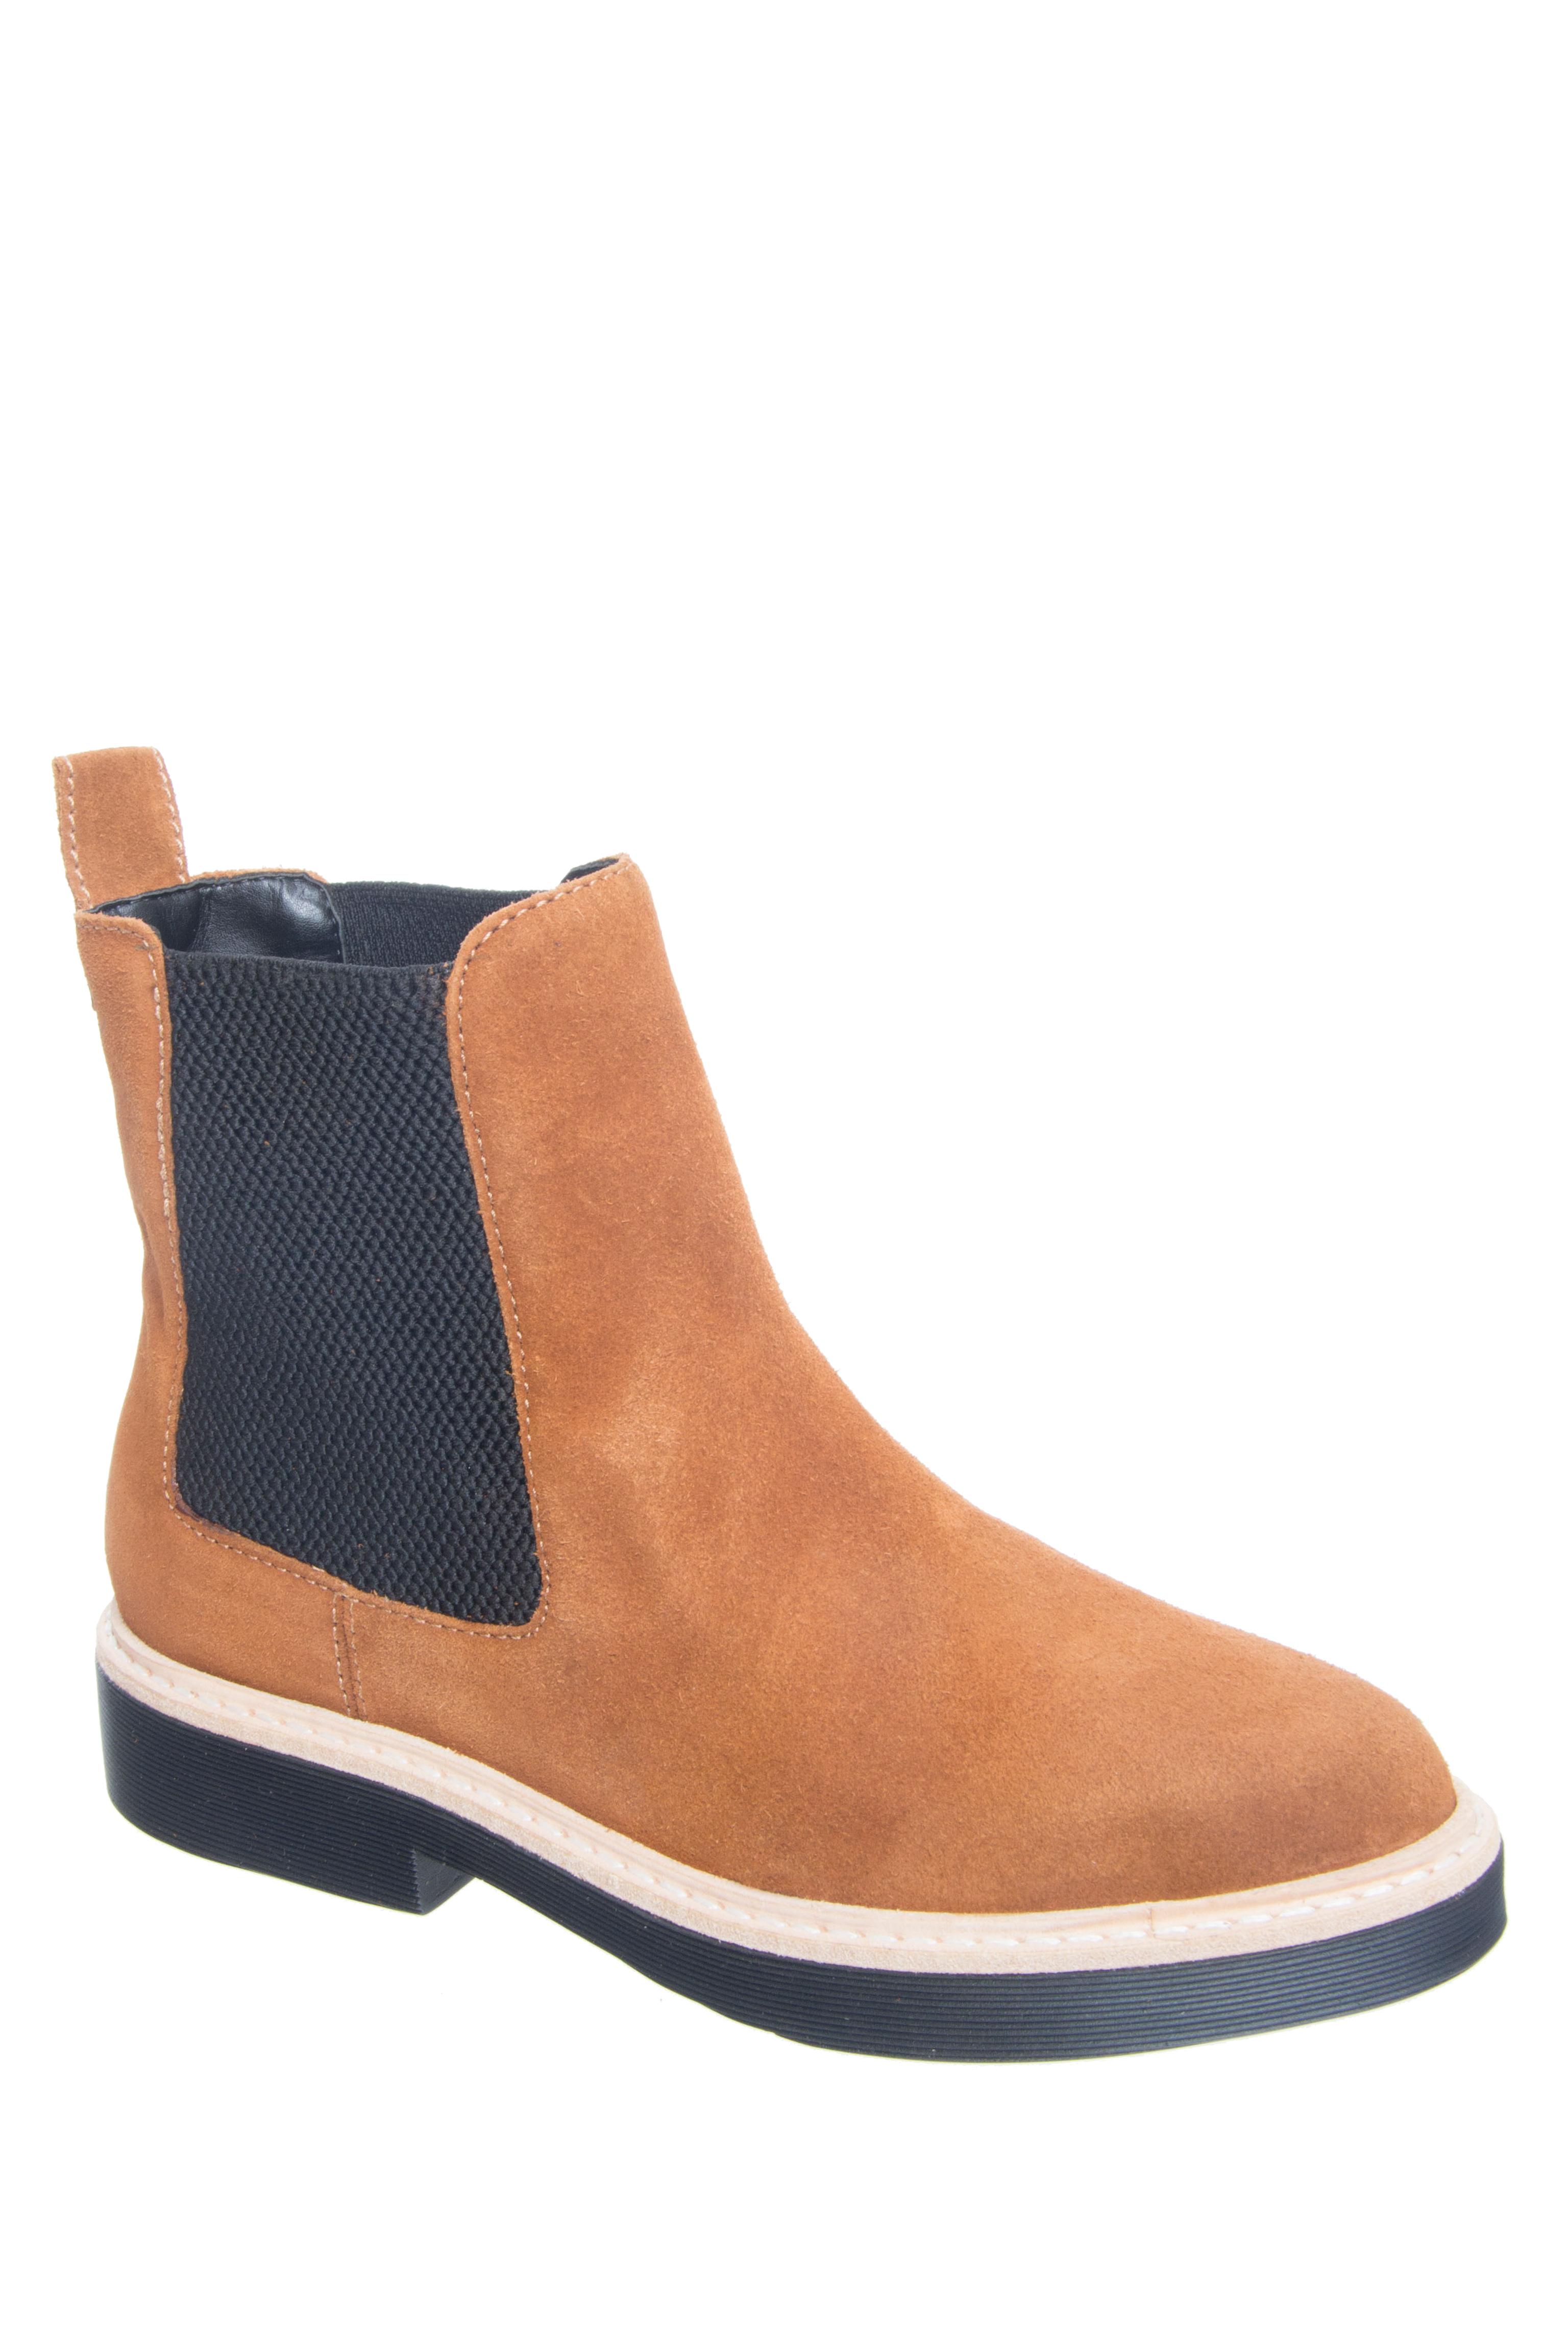 M4D3 Felix Chelsea Boots - Brown